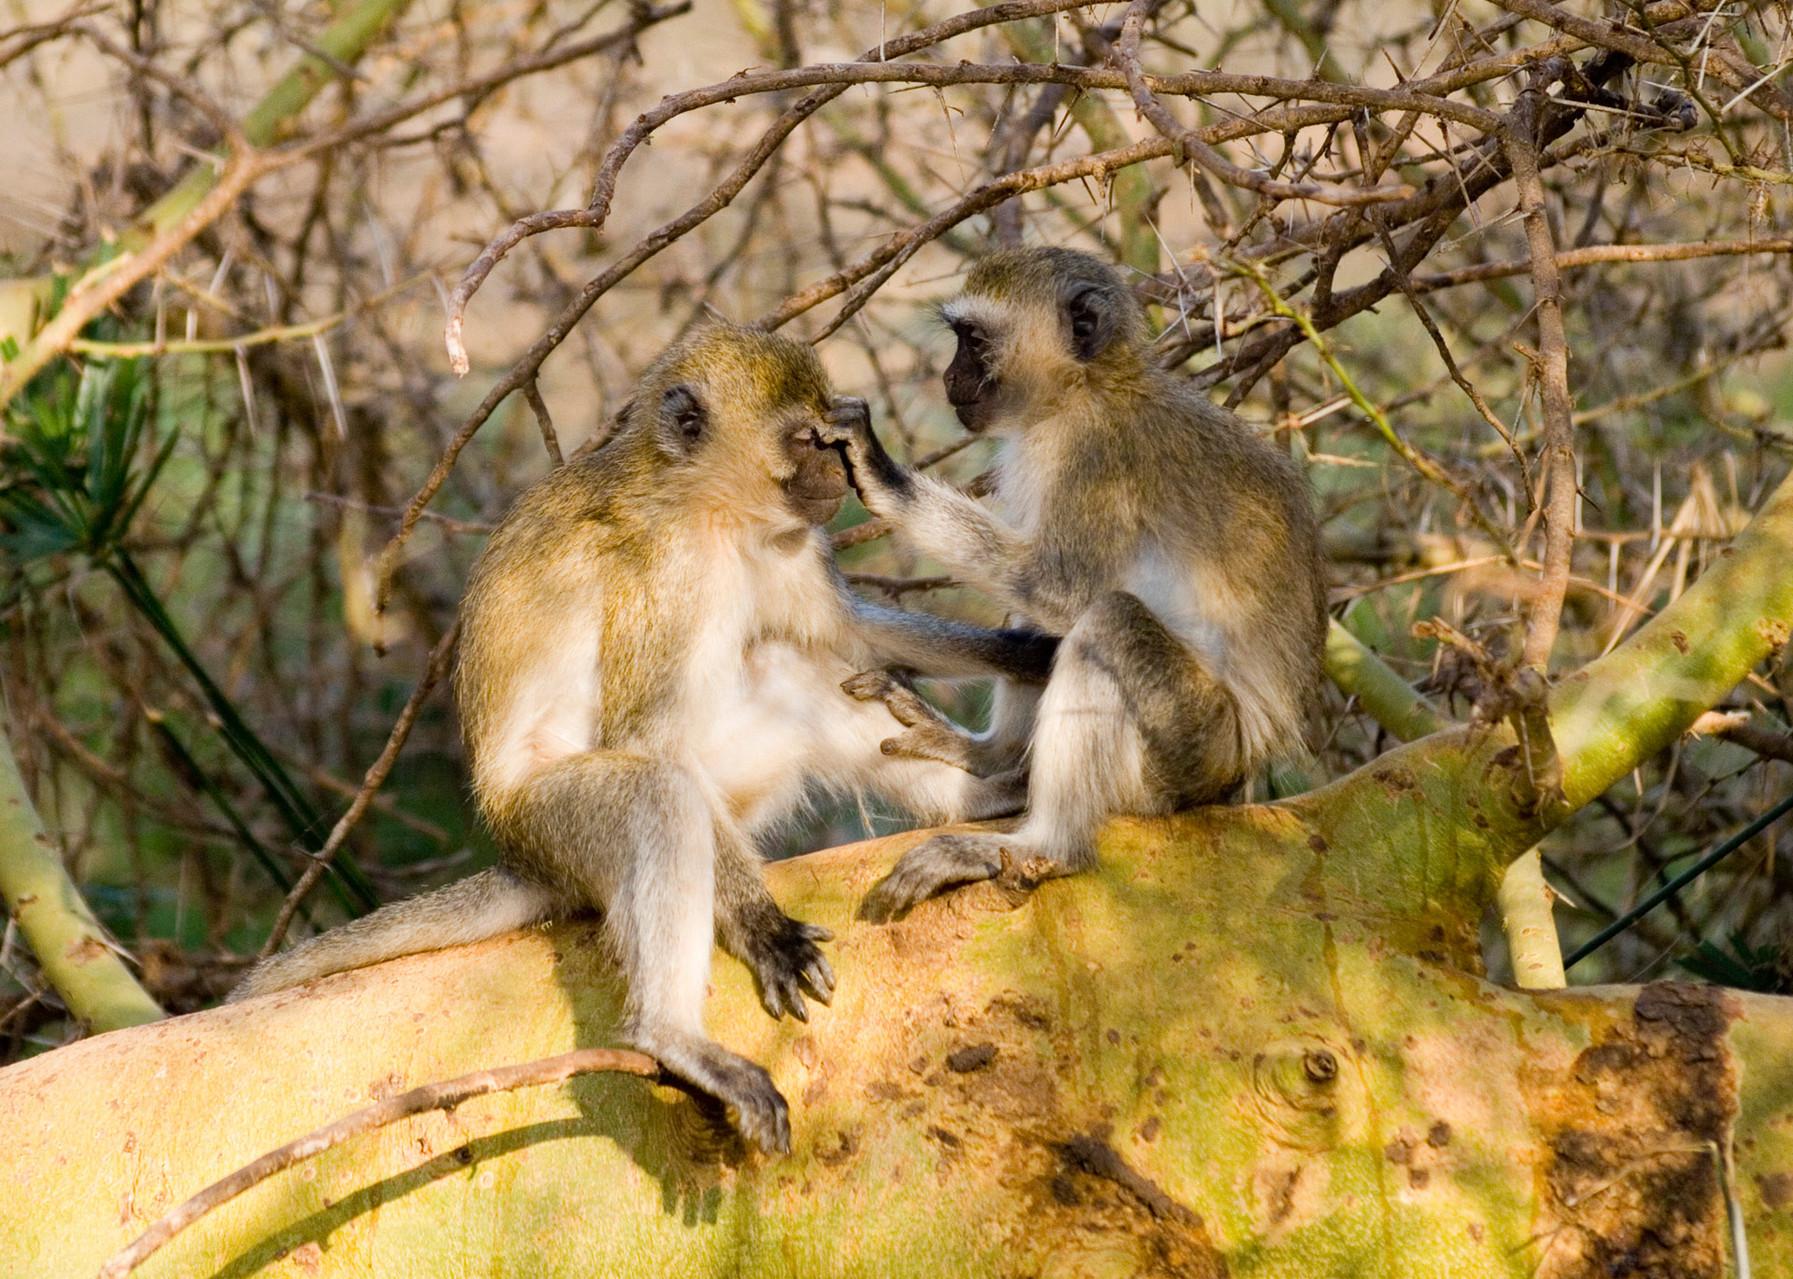 Apes  [Serengeti, Tanzania, 2012]